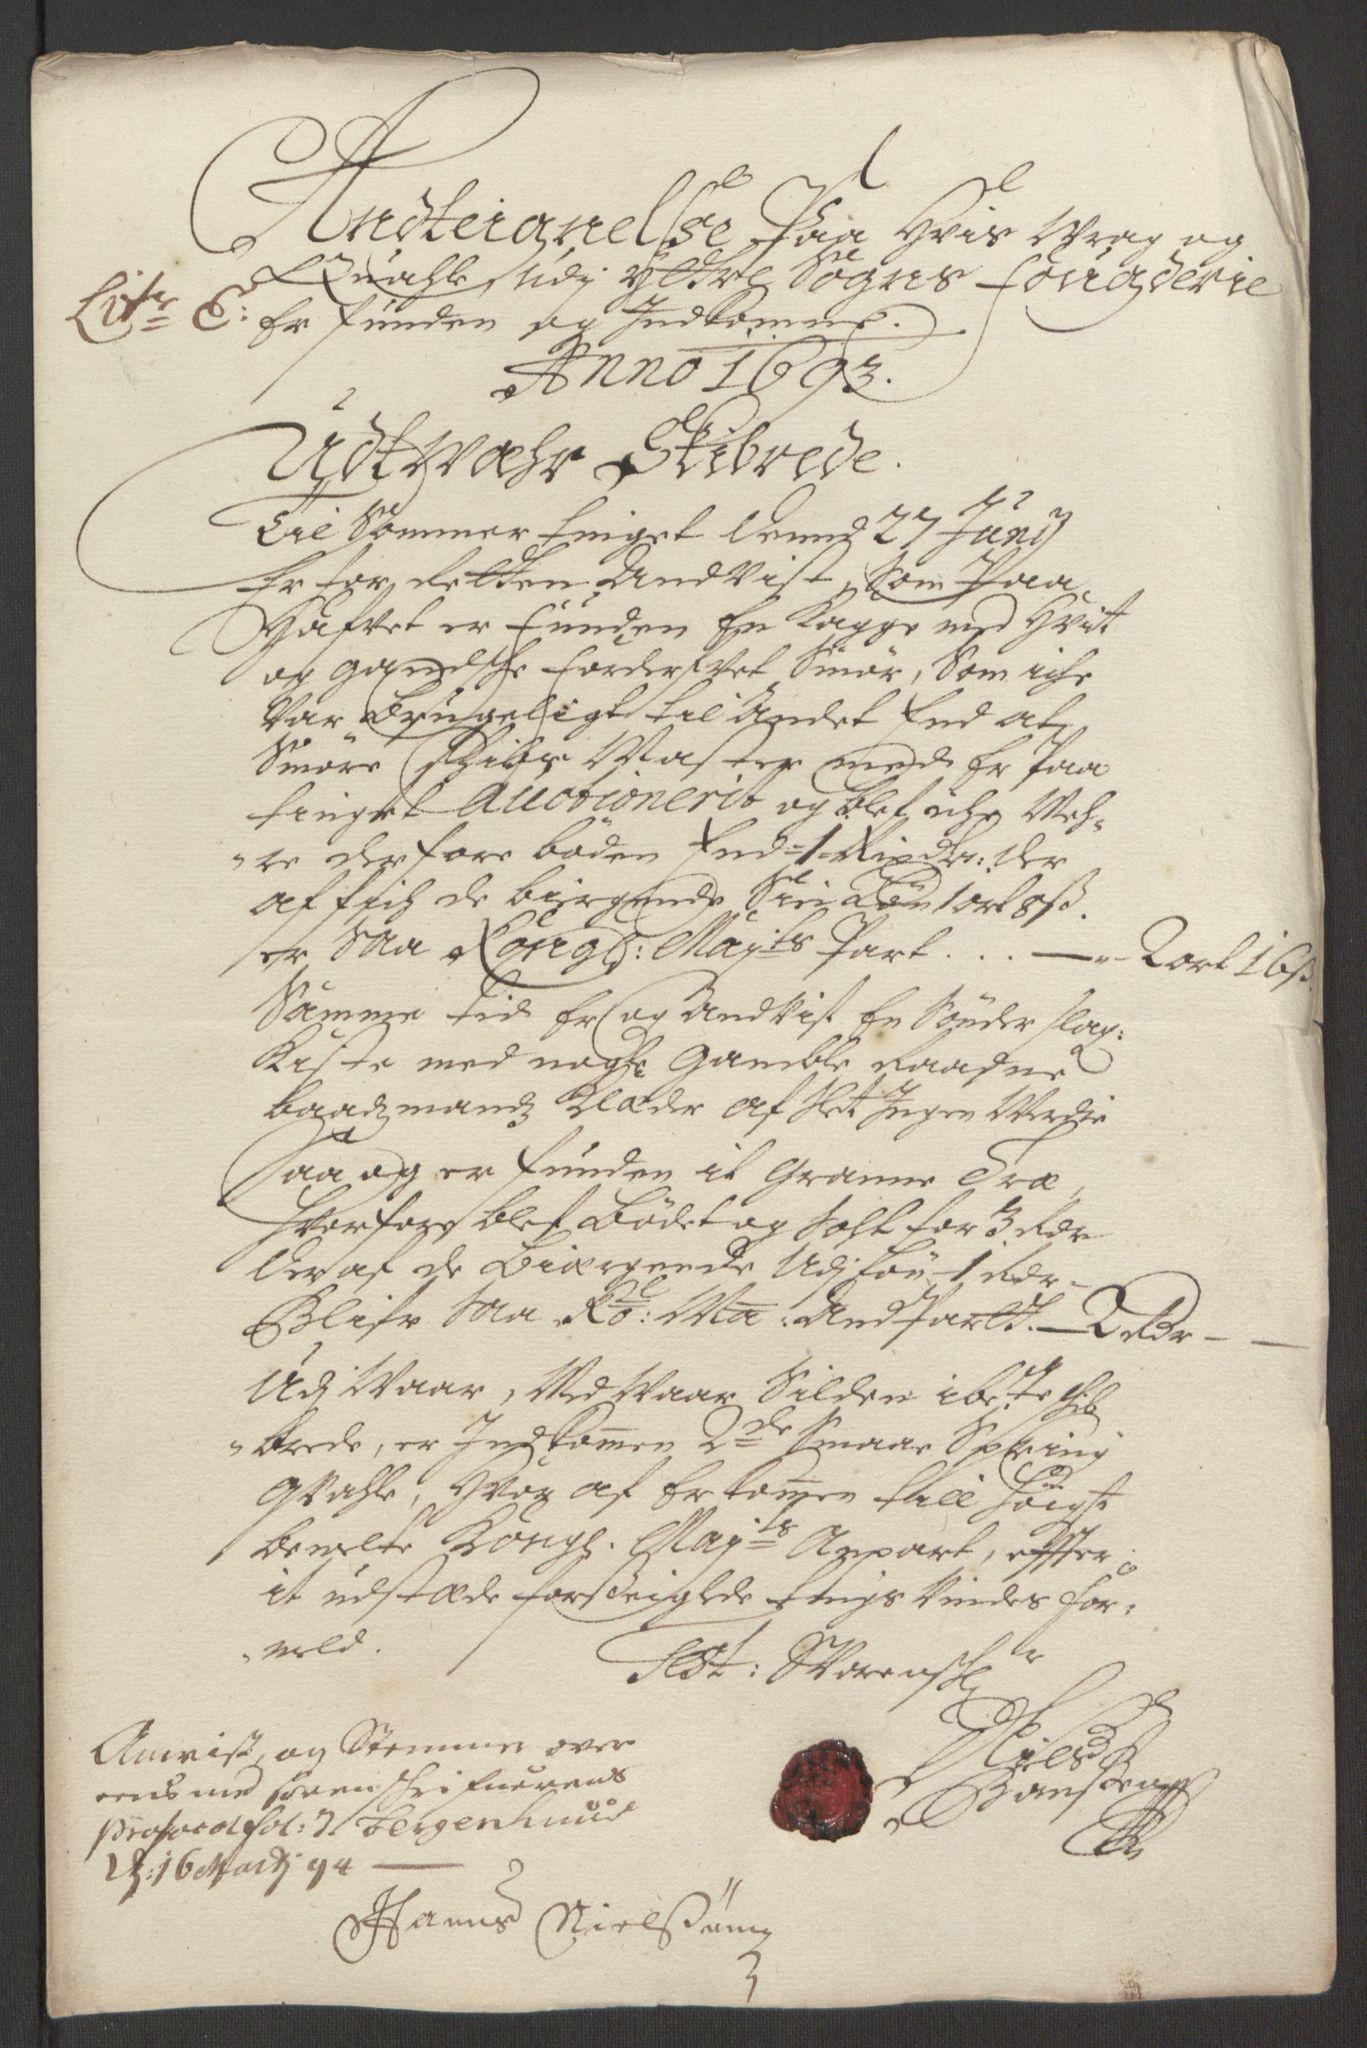 RA, Rentekammeret inntil 1814, Reviderte regnskaper, Fogderegnskap, R52/L3307: Fogderegnskap Sogn, 1693-1694, s. 226